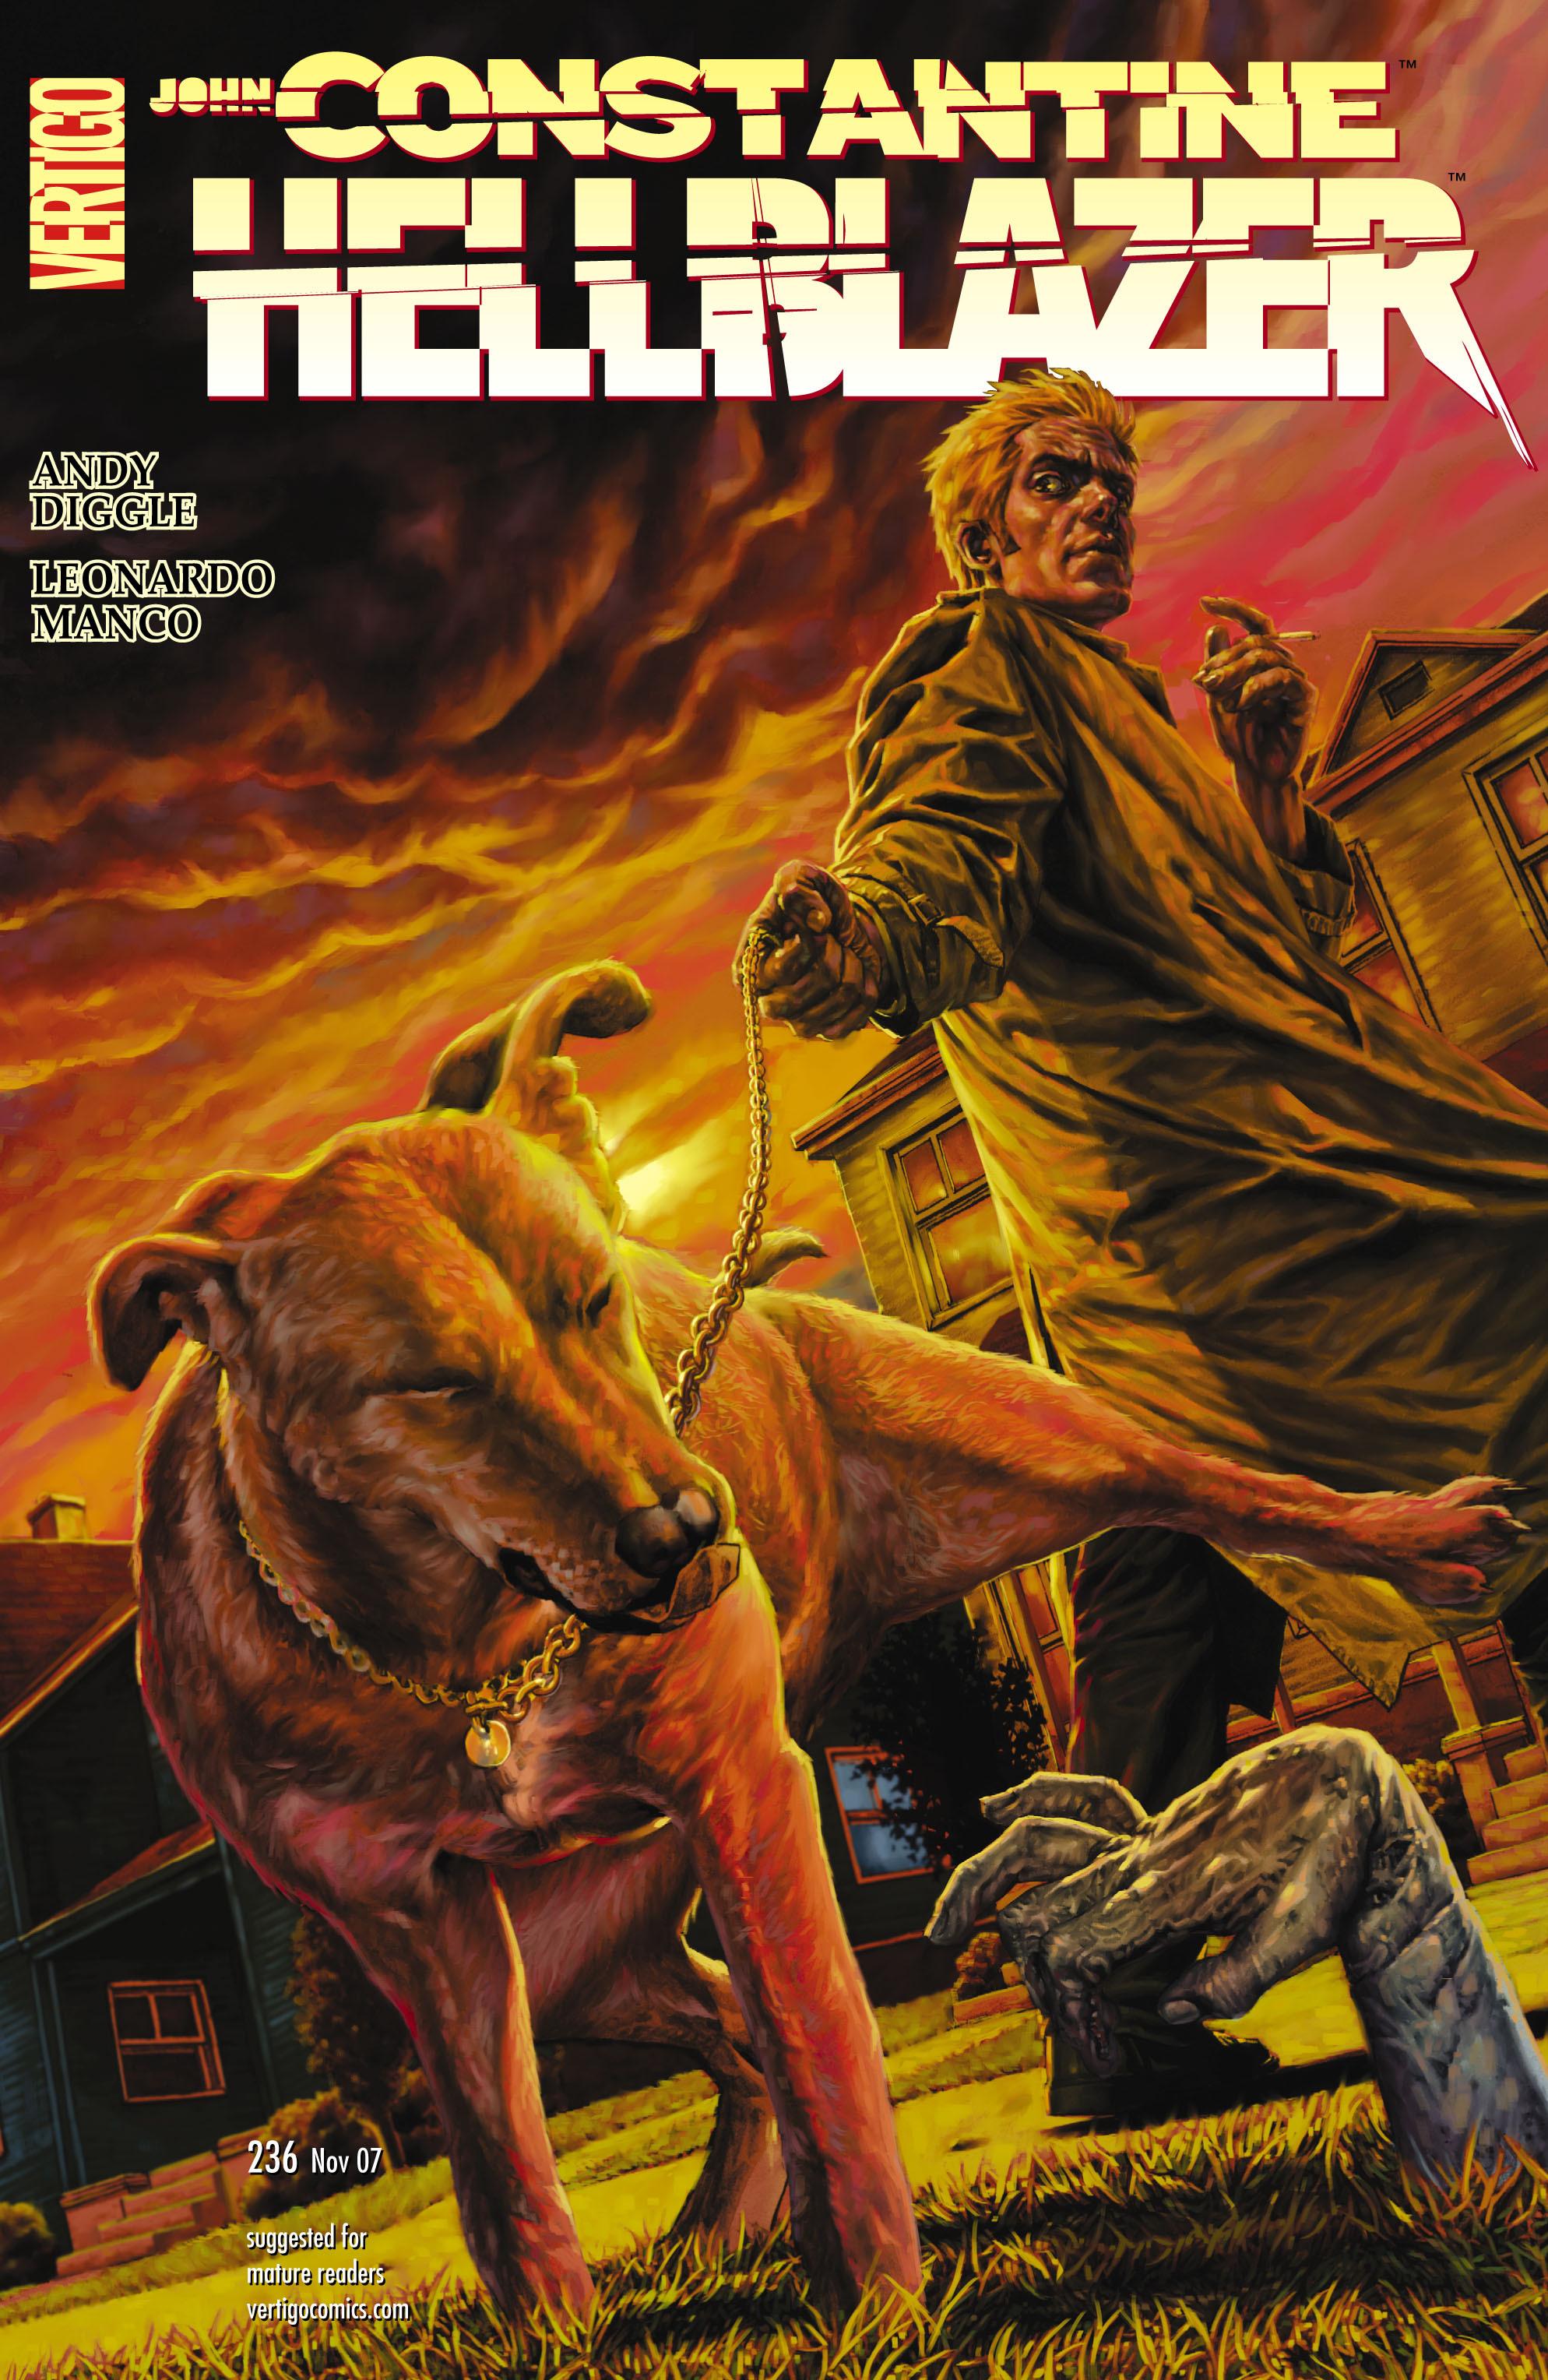 Hellblazer issue 236 - Page 1